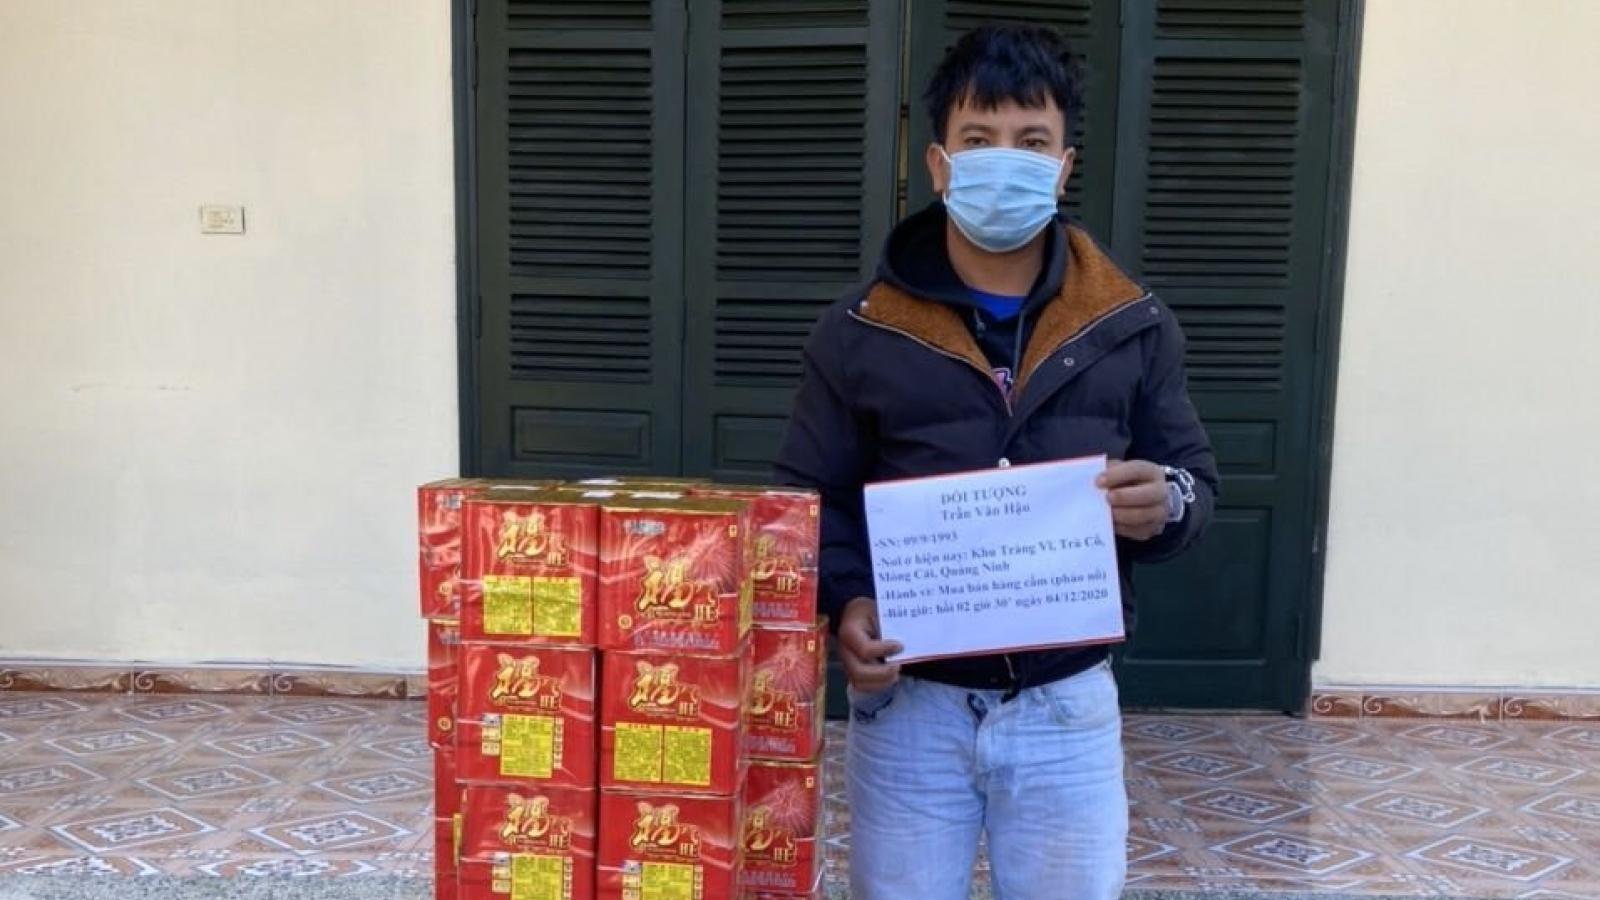 Quảng Ninh bắtđối tượng vận chuyển hơn 50kg pháo nổ